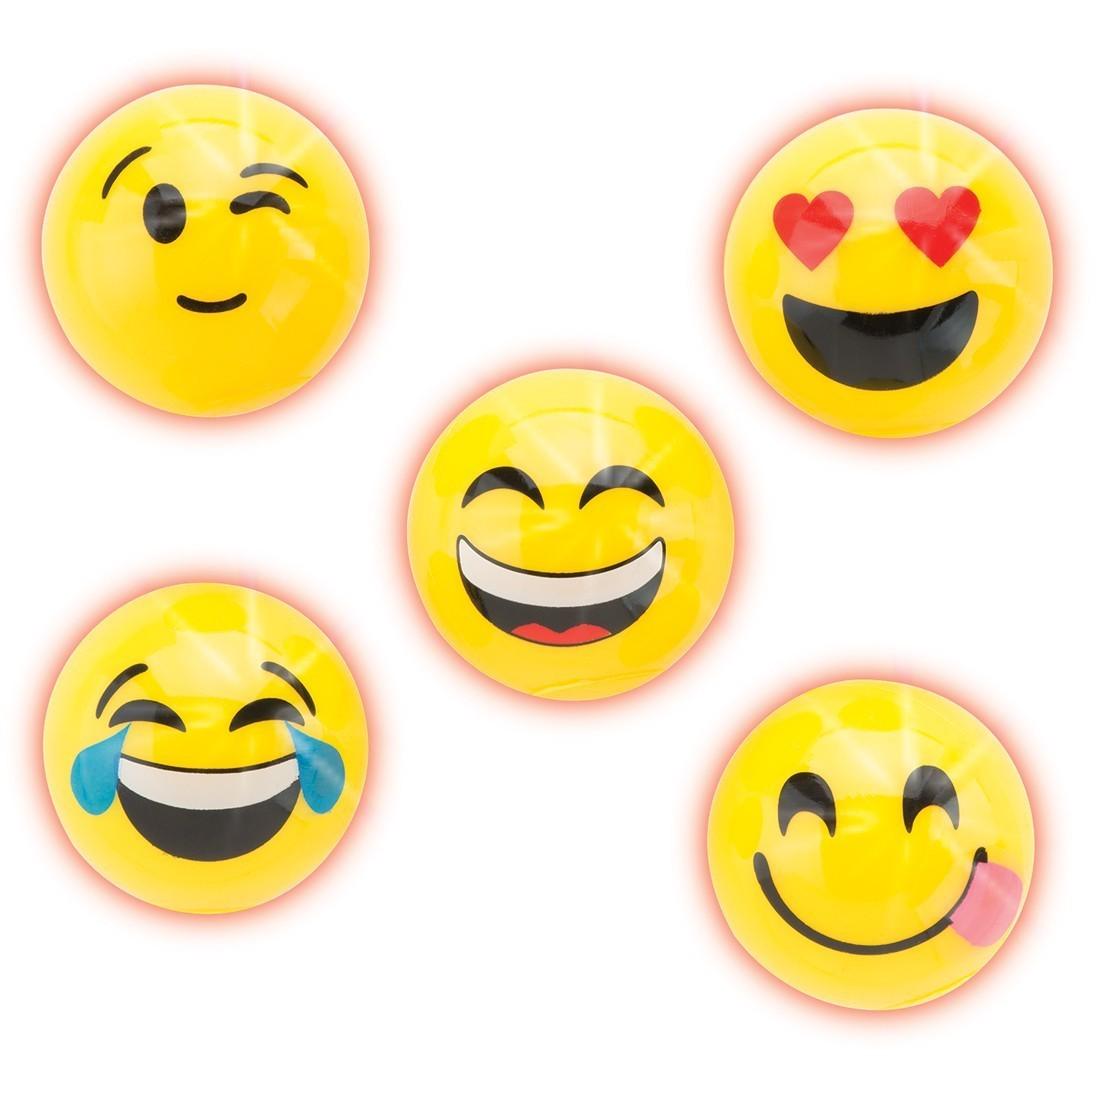 Emoji Flashing Rubber Balls  [image]